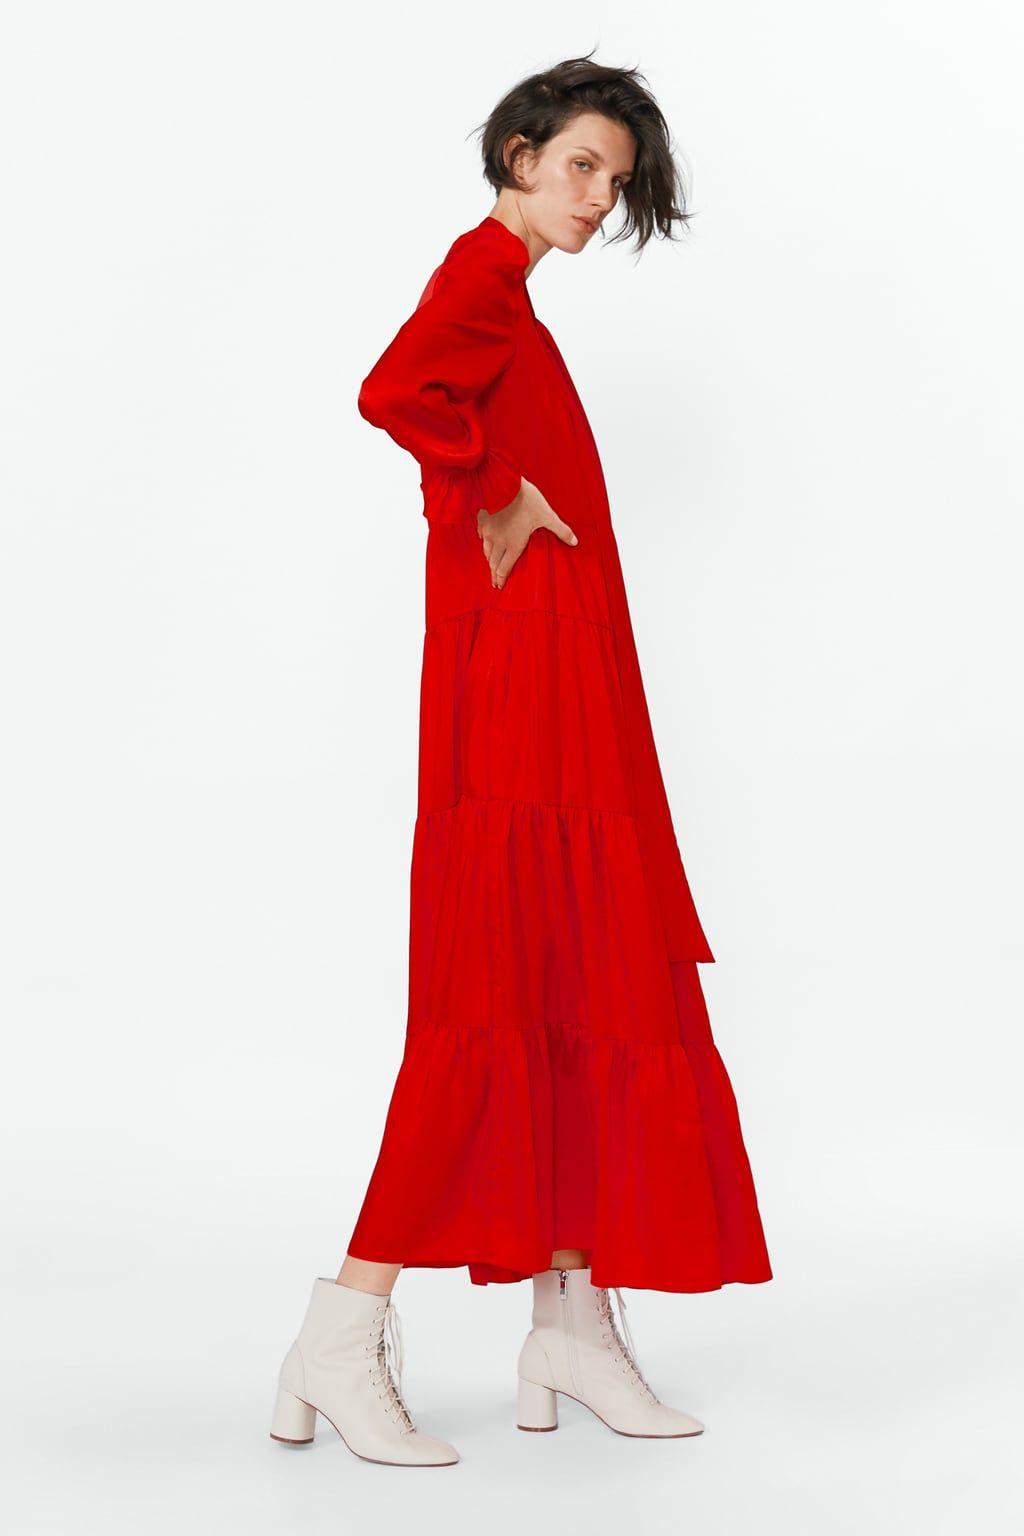 Ruffled Dress Details6 990 Rsdred 2283 693 Ruffle Dress High Collar Dress Dresses